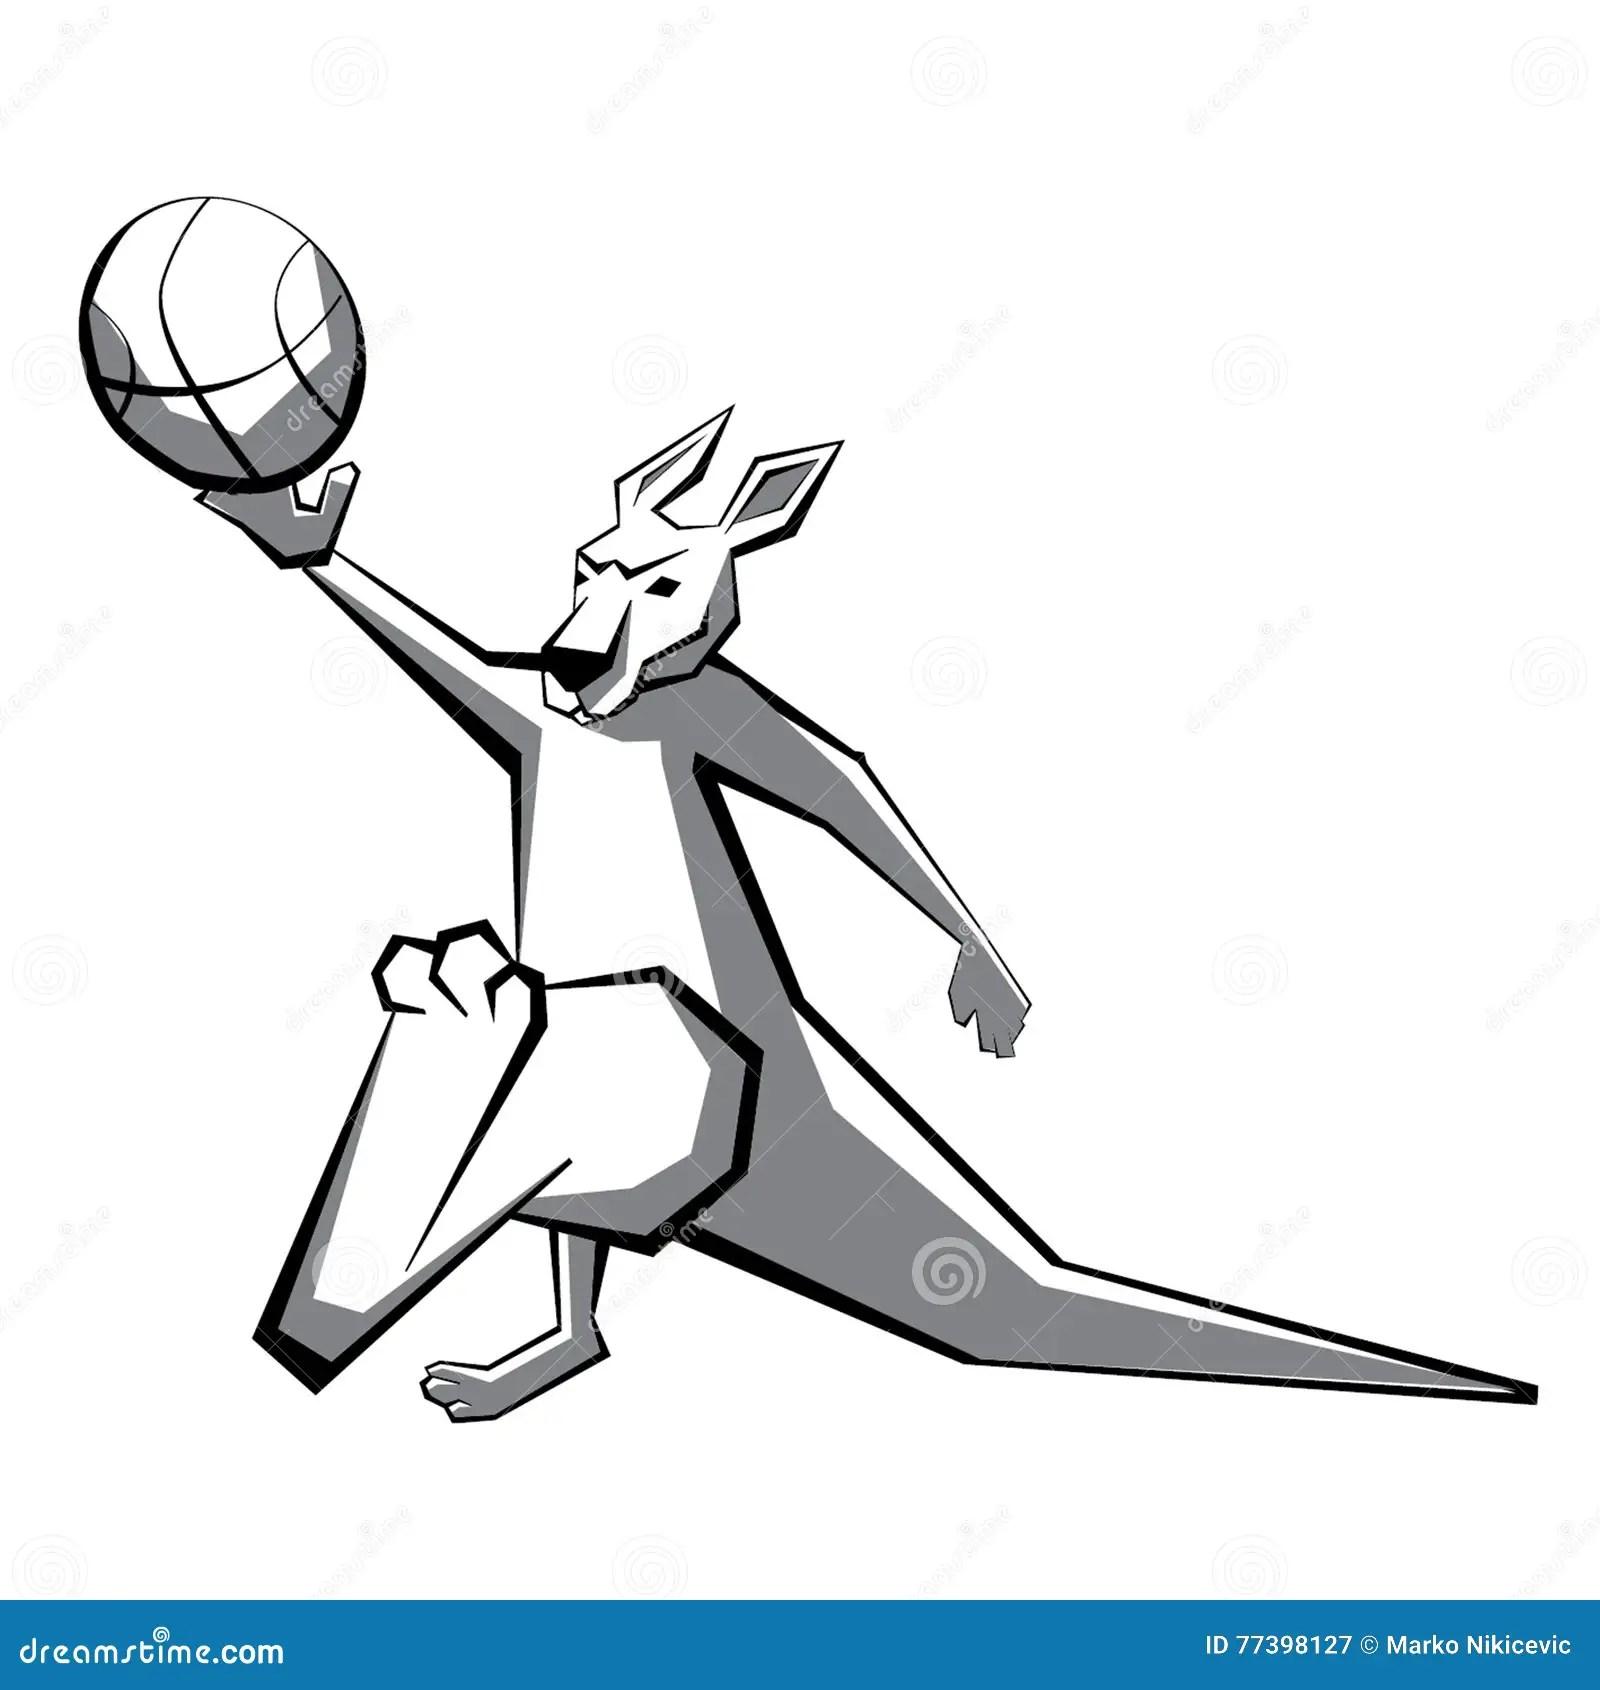 Kangaroo Basketball Player 2 Stock Vector